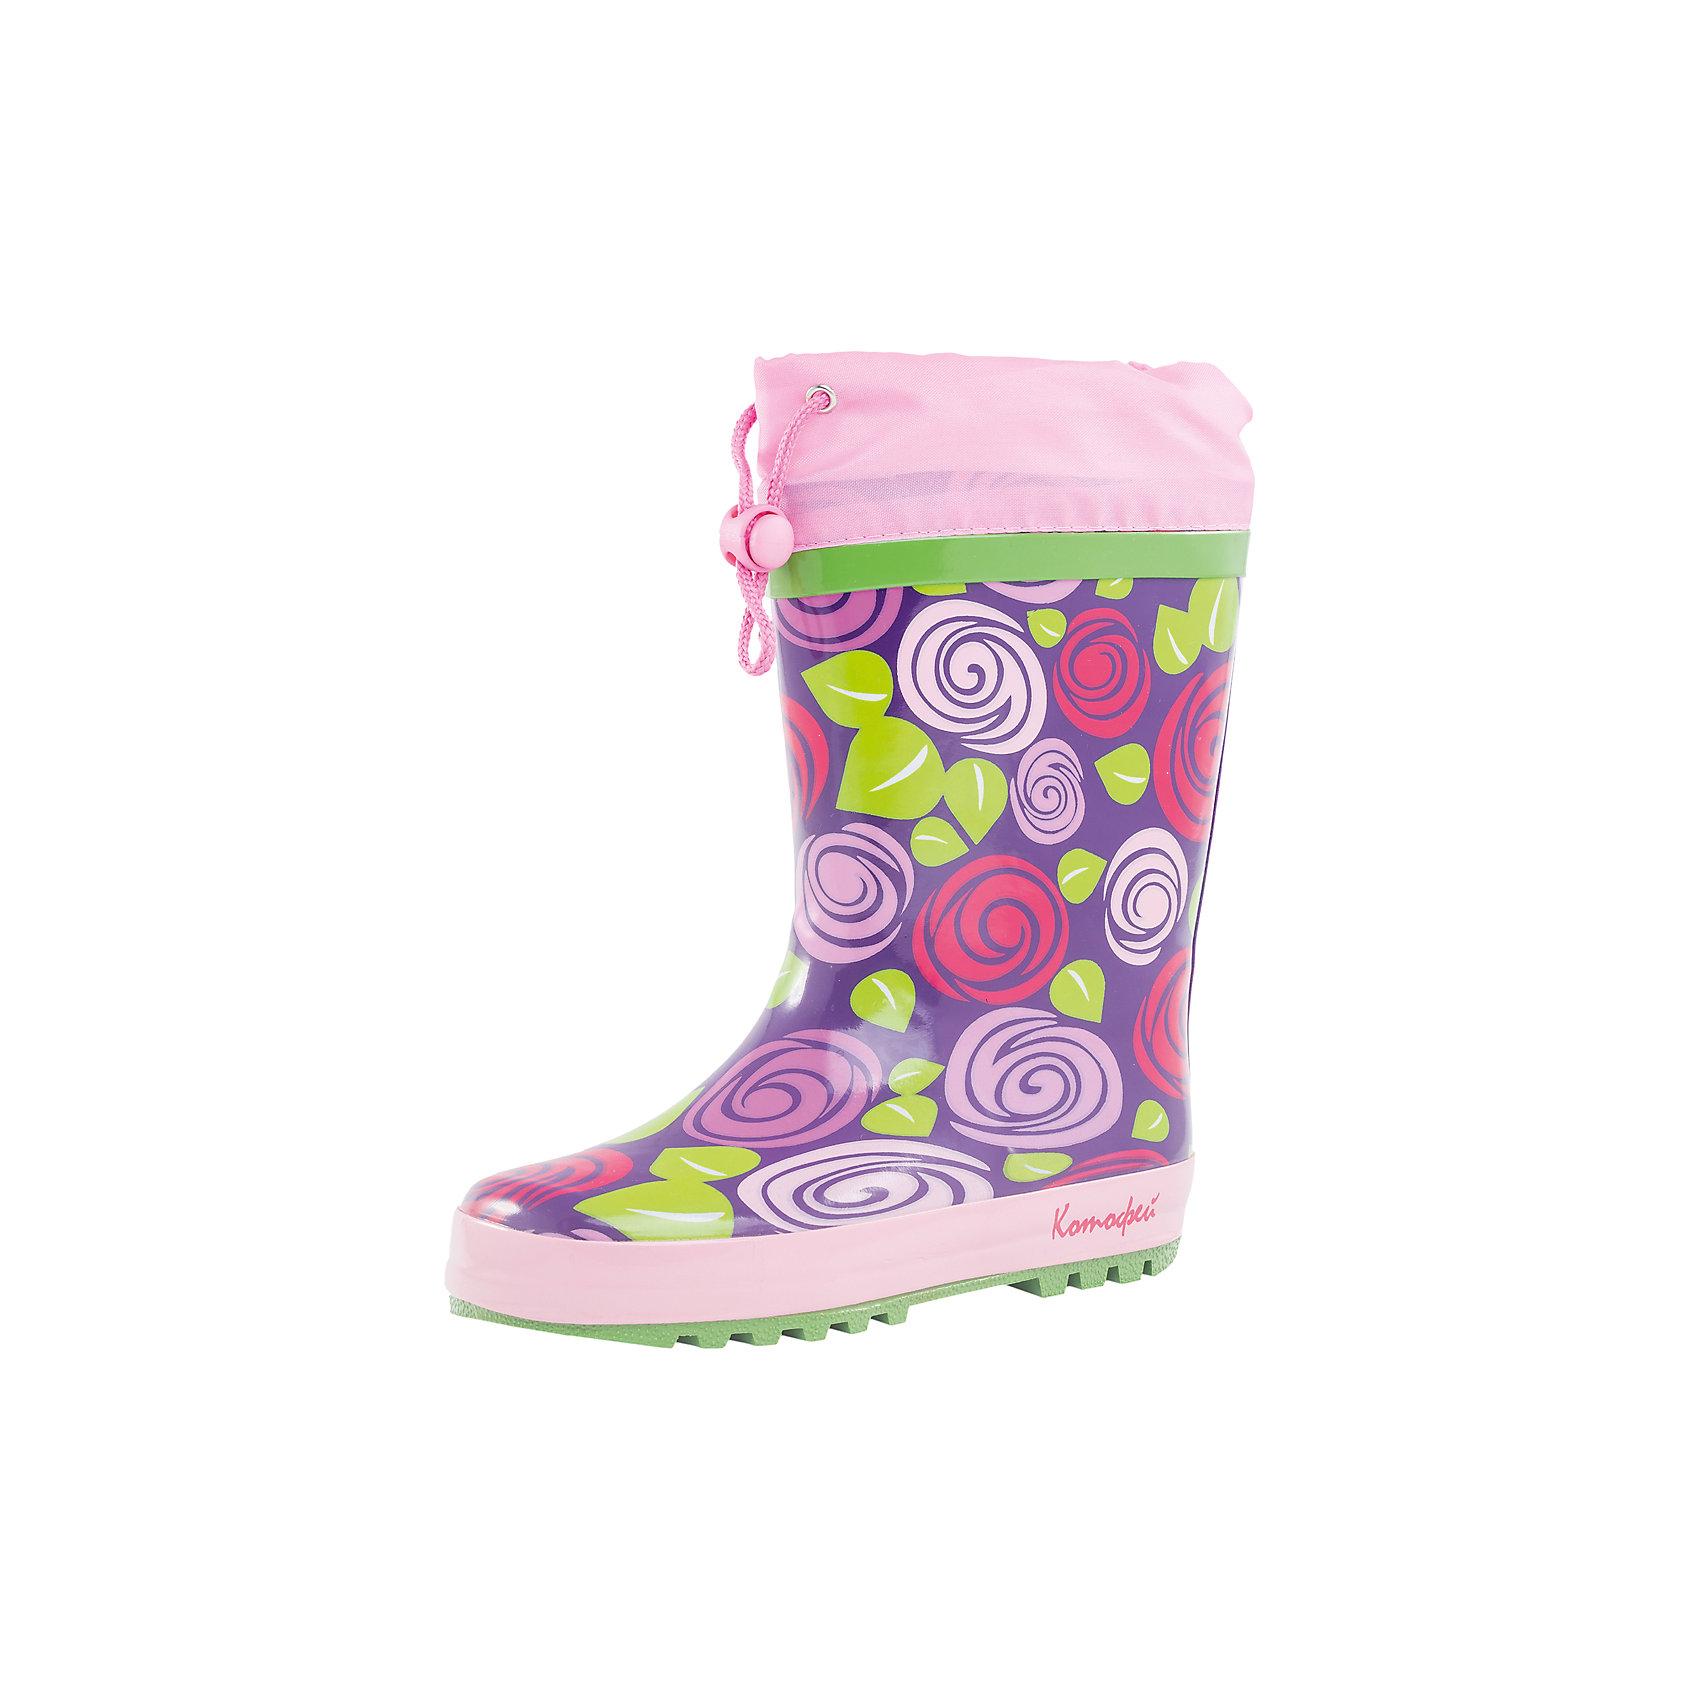 Резиновые сапоги для девочки КотофейРезиновые сапоги<br>Характеристики товара:<br><br>• цвет: фиолетовый/розовый<br>• внешний материал: резина<br>• внутренний материал: текстиль<br>• стелька: текстиль<br>• подошва: резина<br>• температурный режим: от +7°до +20°С<br>• без внутреннего съёмного сапожка<br>• водонепроницаемая манжета с утяжкой<br>• вид крепления: горячая вулканизация<br>• рифленая устойчивая подошва<br>• страна бренда: Российская Федерация<br>• страна производства: Китай<br><br>Обувь из новой коллекции от популярного российского производителя Котофей отличается ярким дизайном, продуманностью и комфортом! Эта модель разработана специально для детей - она учитывает особенности строения и развития детской стопы. Симпатичная, оригинальная и удобная вещь!<br><br>Резиновые сапоги для девочки от известного бренда Котофей можно купить в нашем интернет-магазине.<br><br>Ширина мм: 237<br>Глубина мм: 180<br>Высота мм: 152<br>Вес г: 438<br>Цвет: розовый<br>Возраст от месяцев: 132<br>Возраст до месяцев: 144<br>Пол: Женский<br>Возраст: Детский<br>Размер: 35,30,31,32,33,34<br>SKU: 5521608